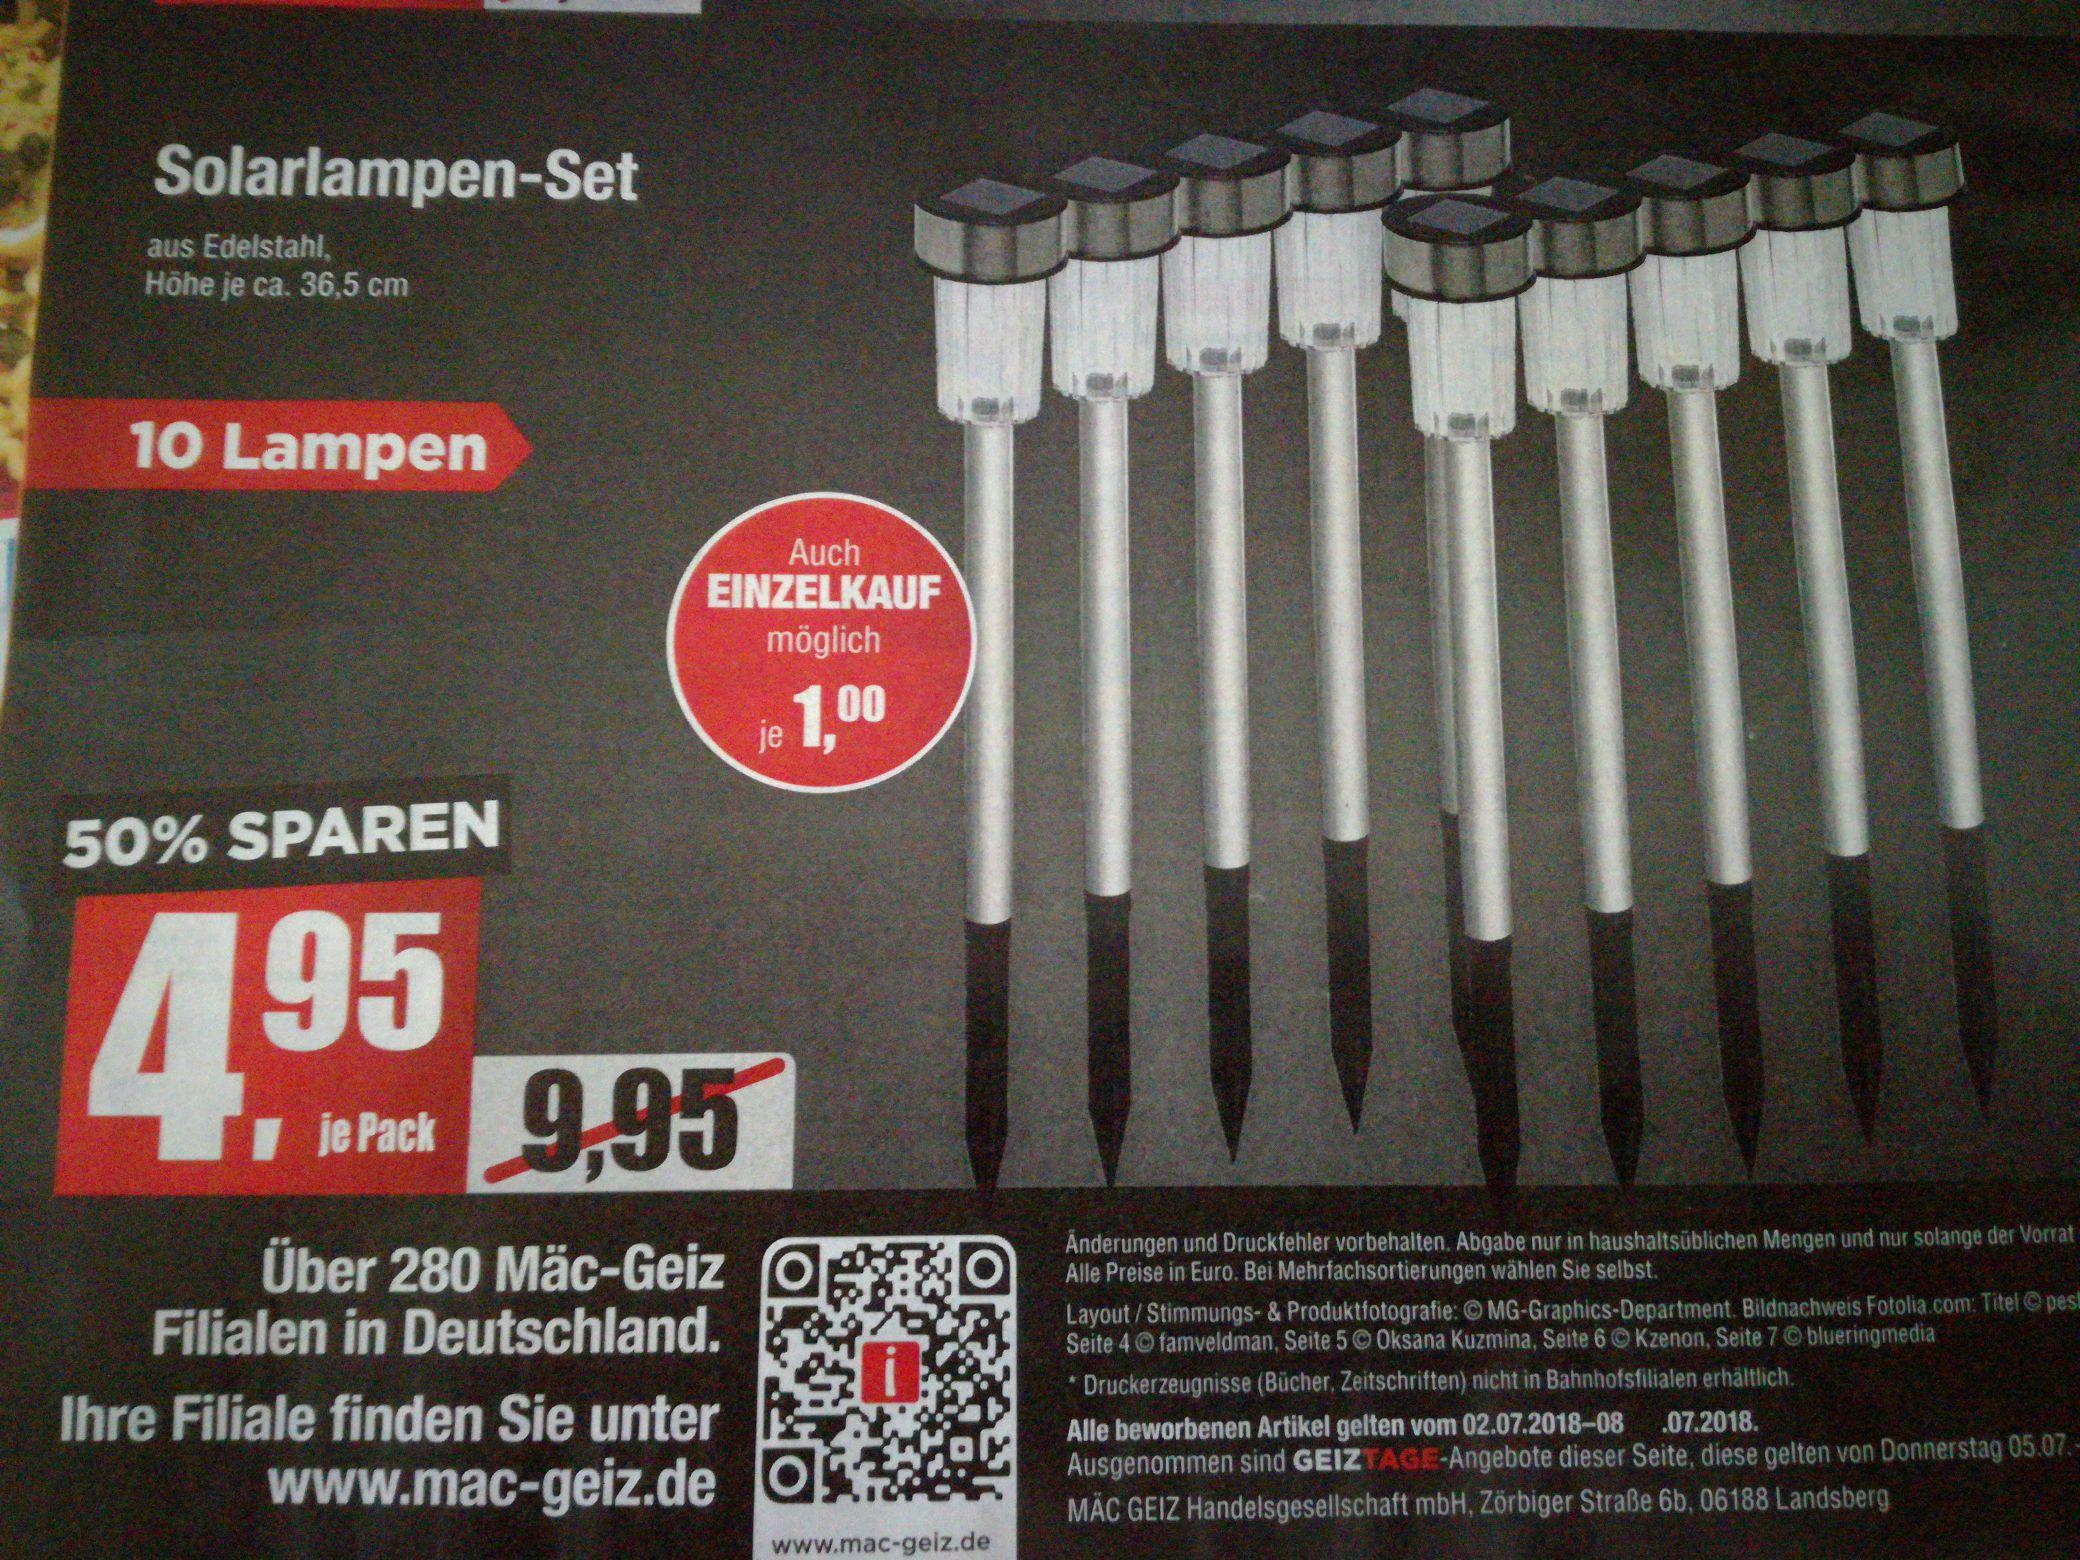 (MäcGeiz Berlin) Solarlampen-Set 10 Stück